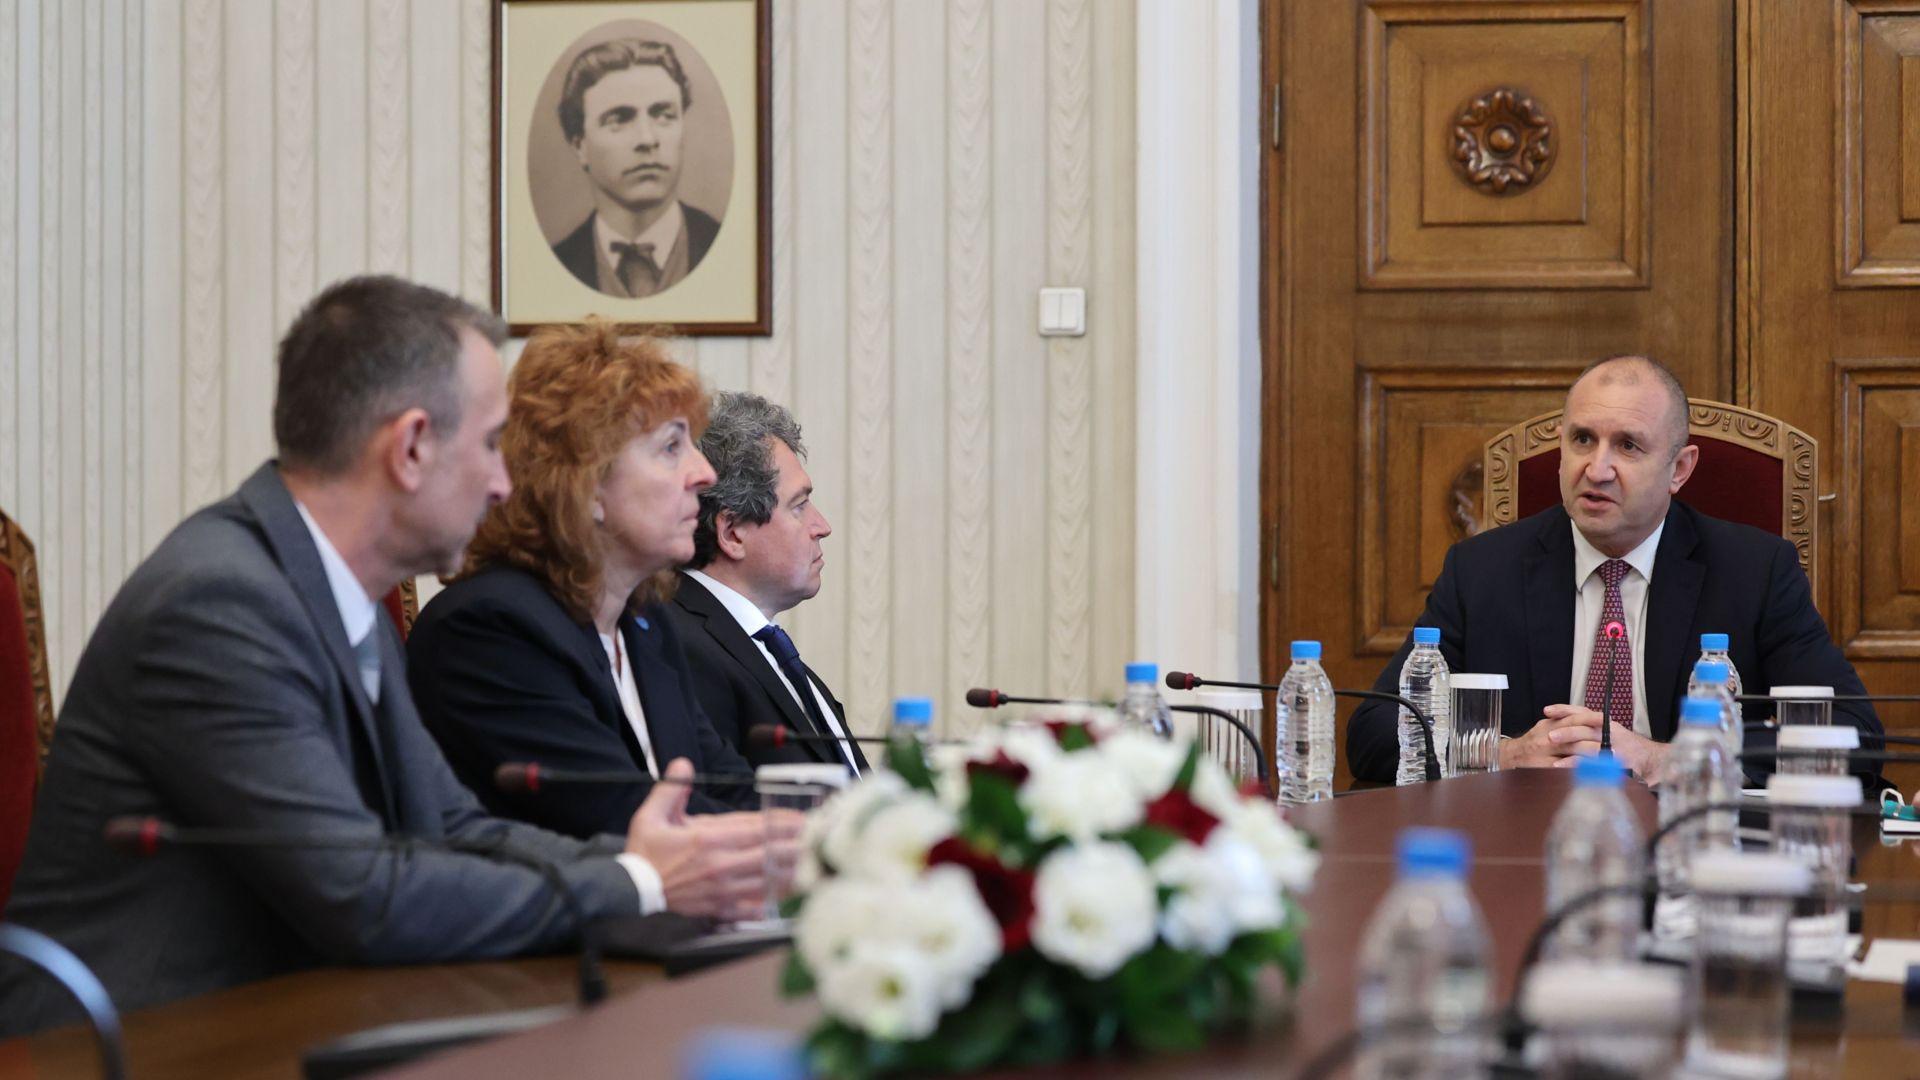 Президентството: Партиите да намерят формула за съставяне на редовен кабинет възможно най-скоро